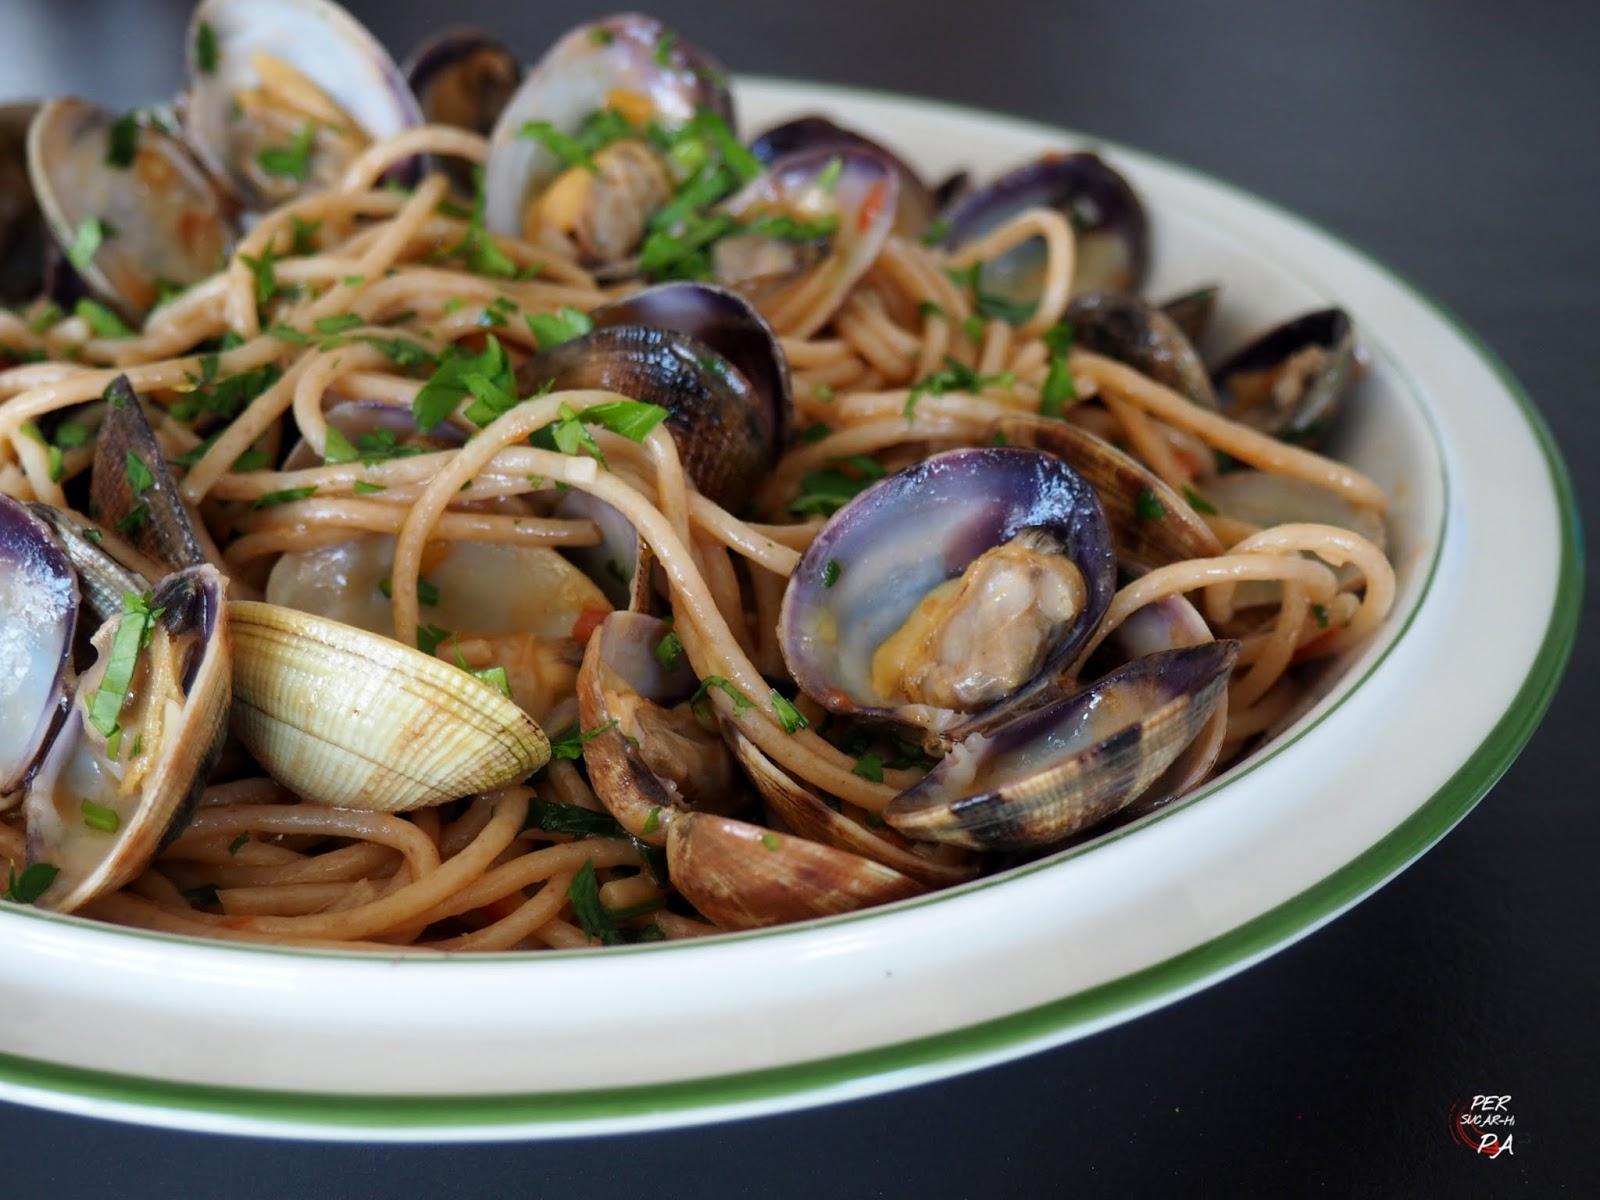 Per sucar hi pa gastronom a y viajes espaguetis con almejas - Espaguetis con almejas ...